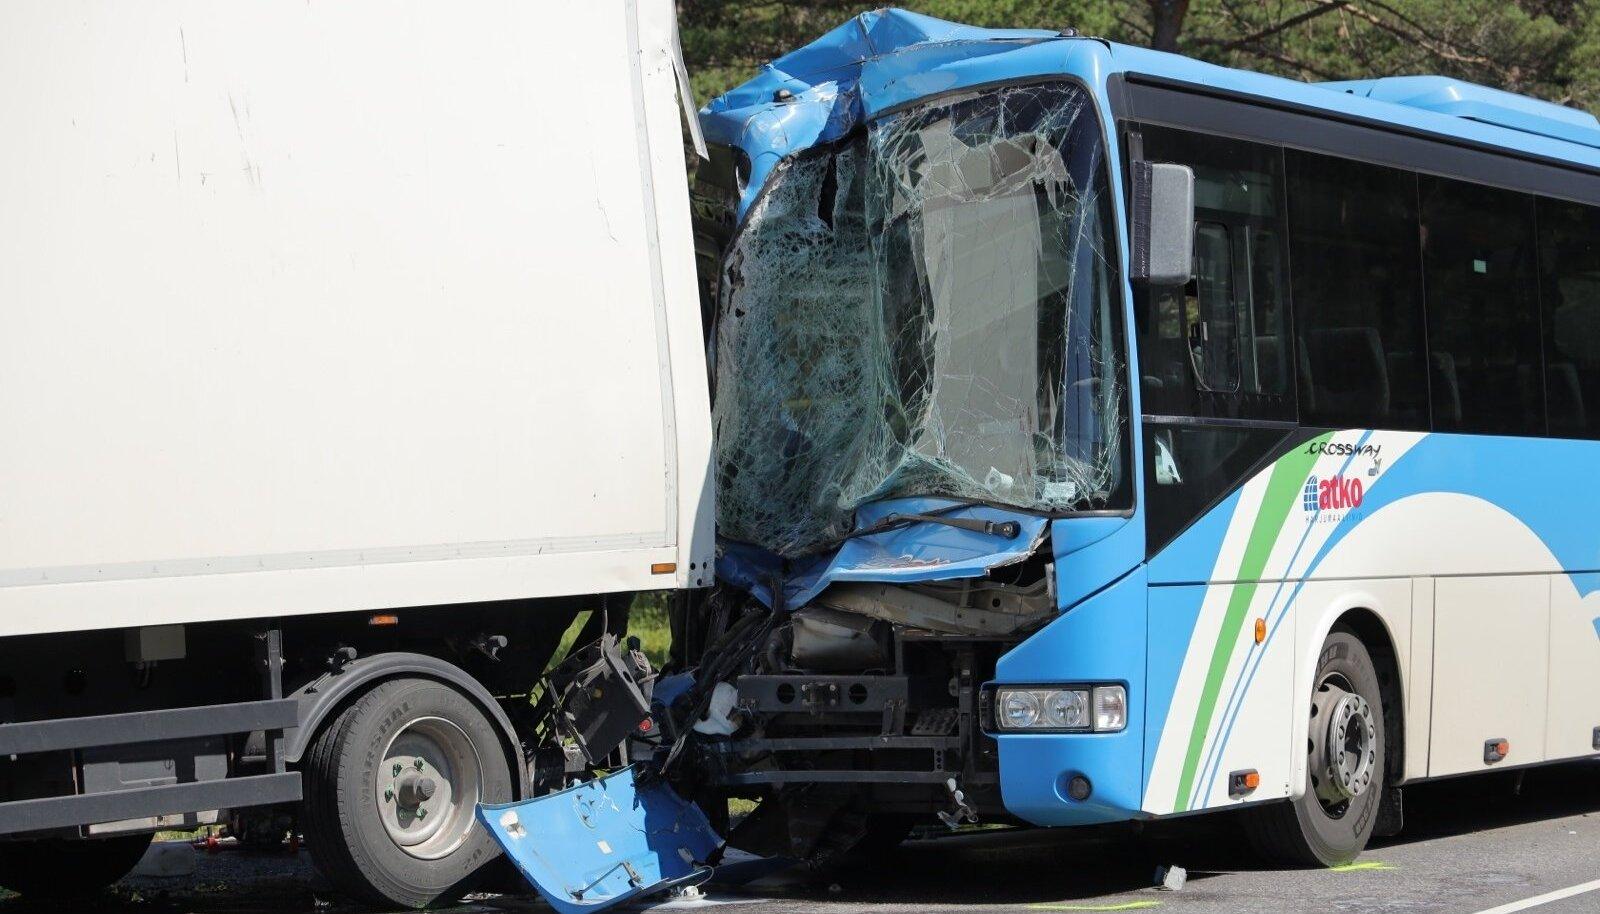 Halb õnn või hoolimatus? Riiklik kontroll käsutab ATKO busse ränkade tehnovigade pärast tee äärde